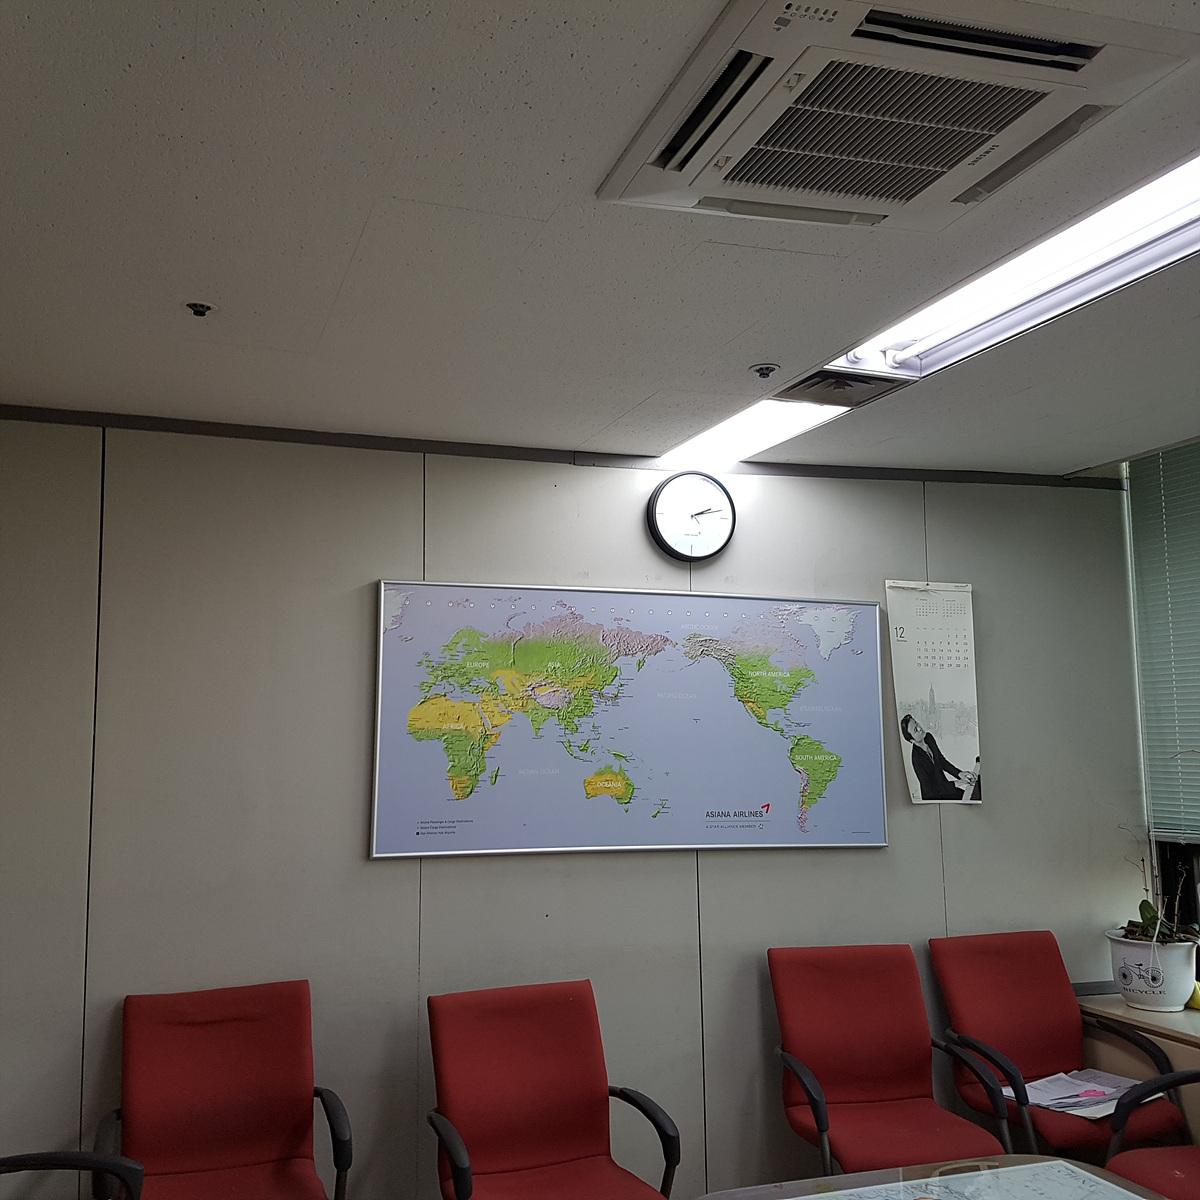 4 번째 사진 근린생활시설 에  연면적861.15 ㎡ 부산광역시 중구 중앙동4가 밤라이트 철거 및 리모델링에 관한 석면조사